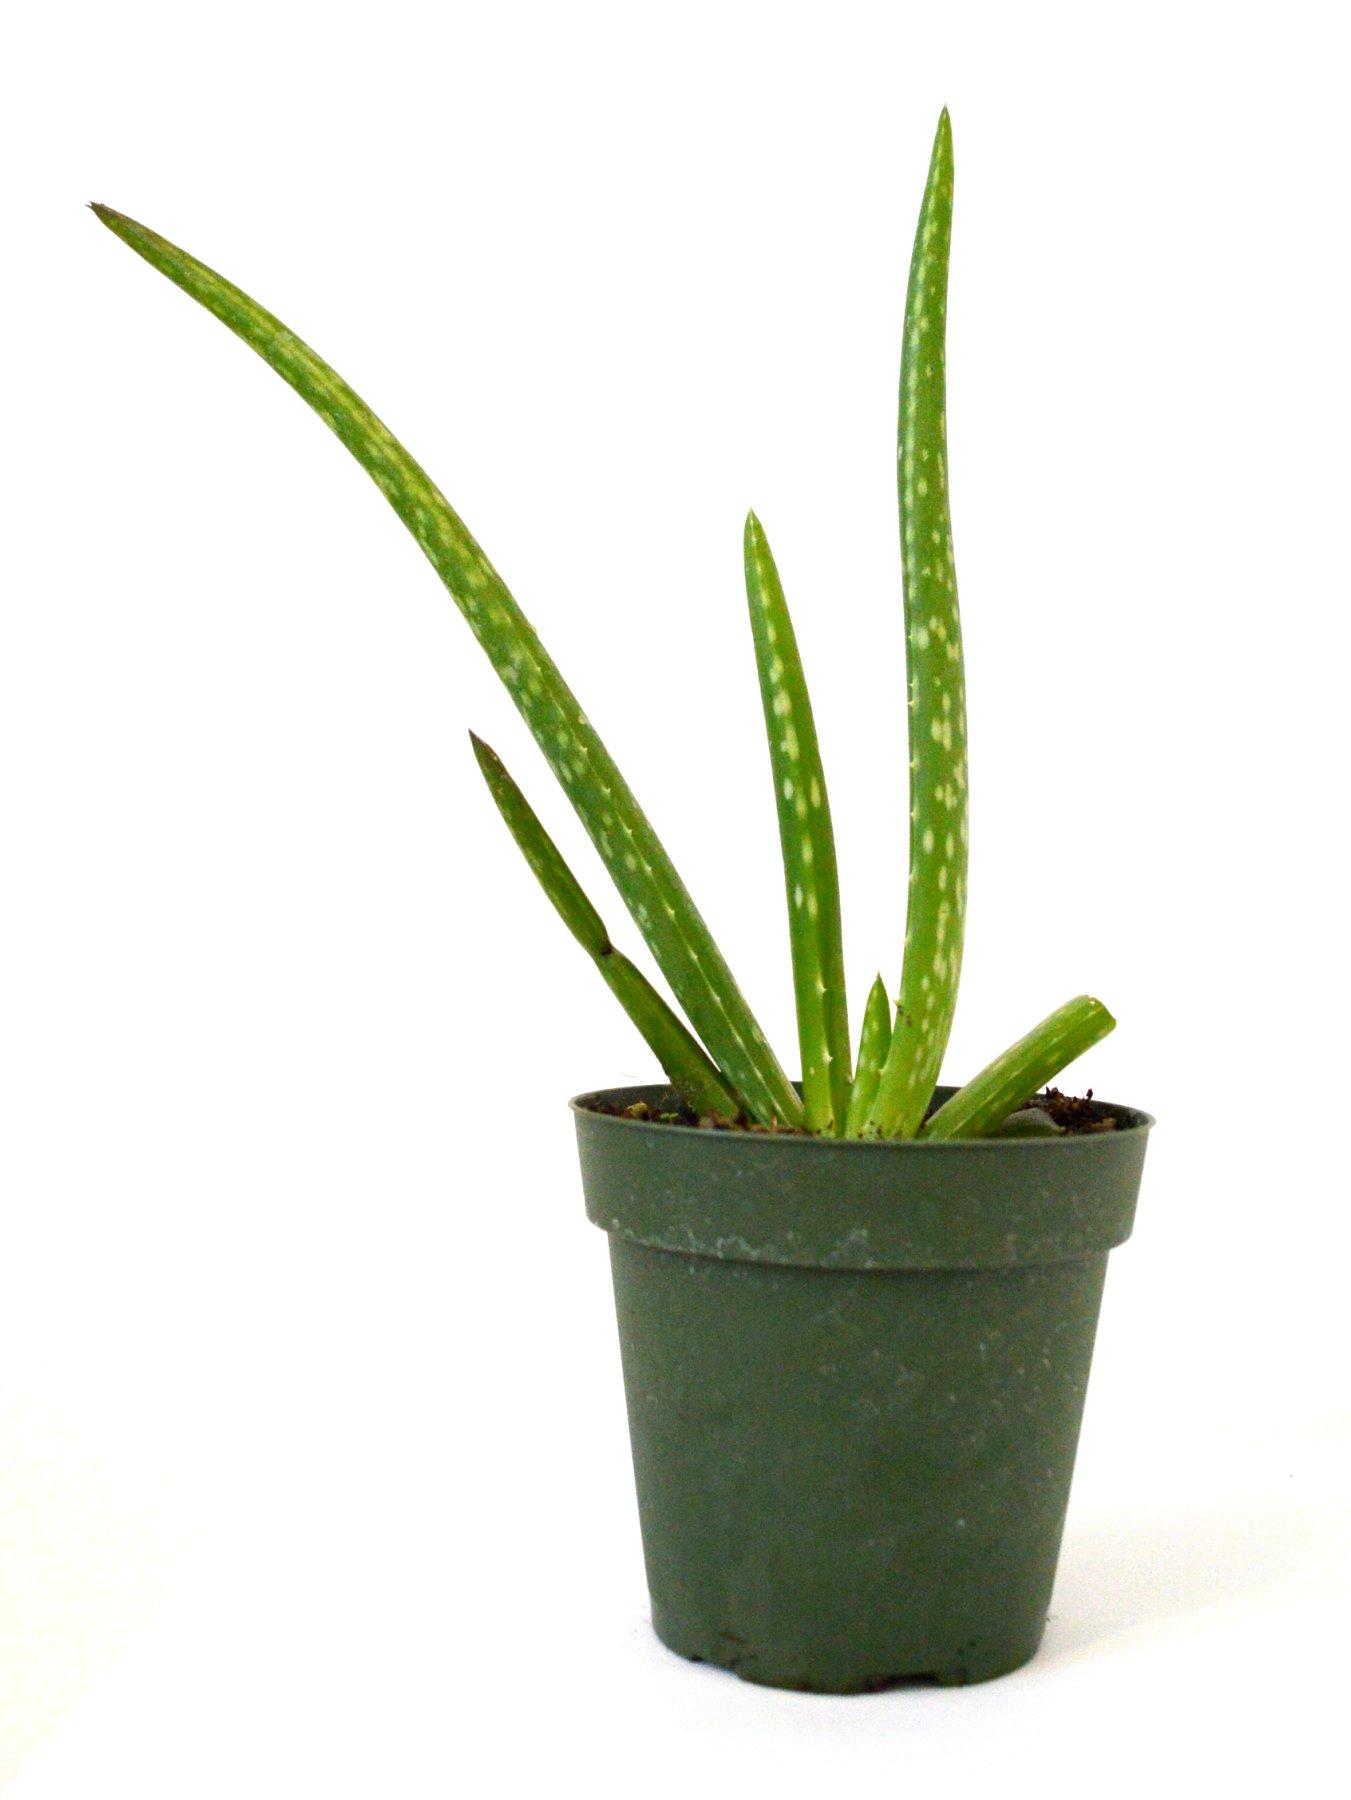 9GreenBox - Small Aloe Vera